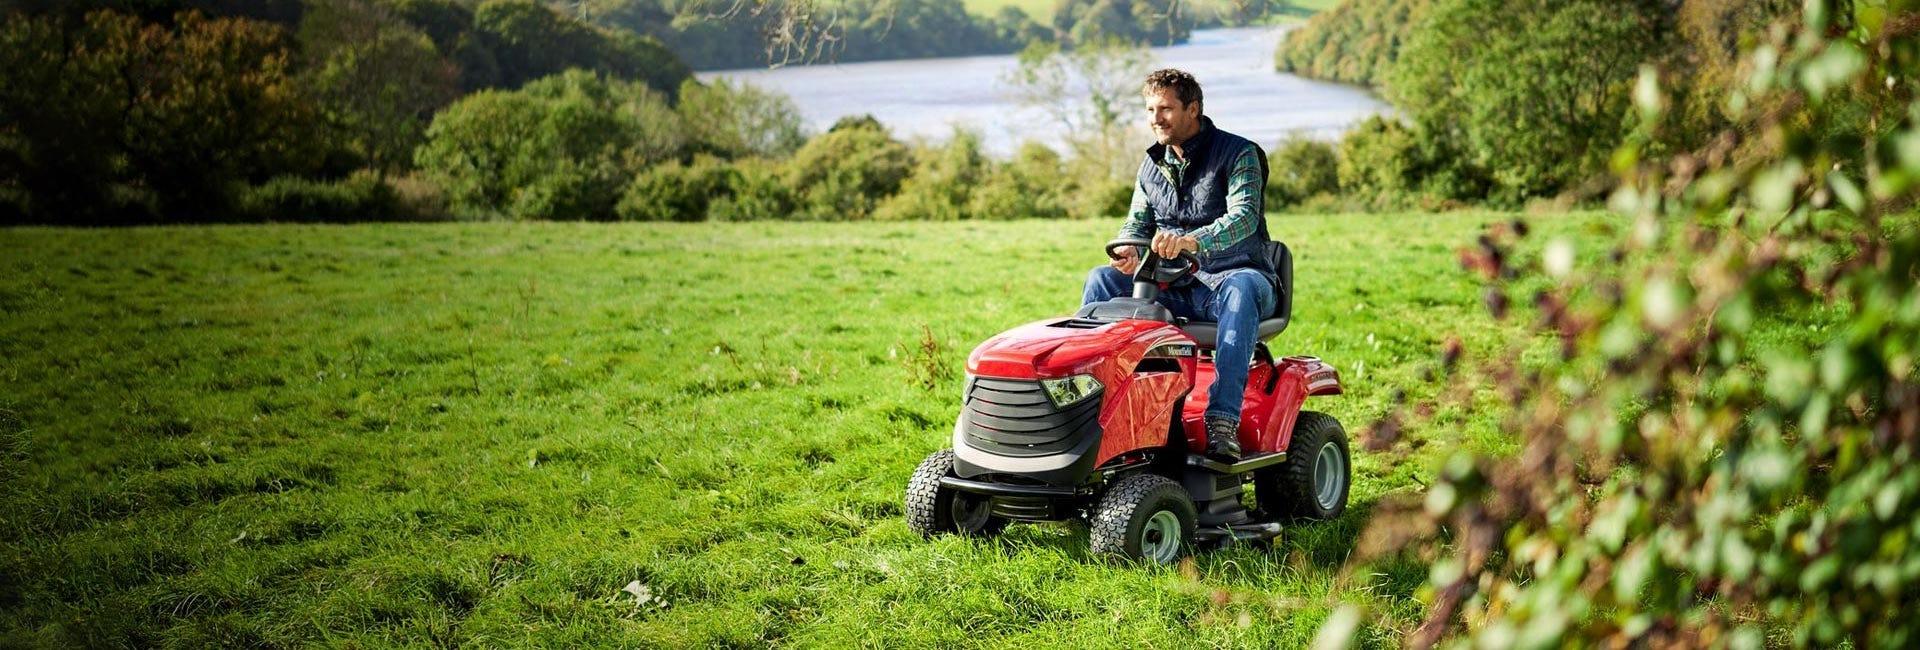 Petrol Garden Tractors